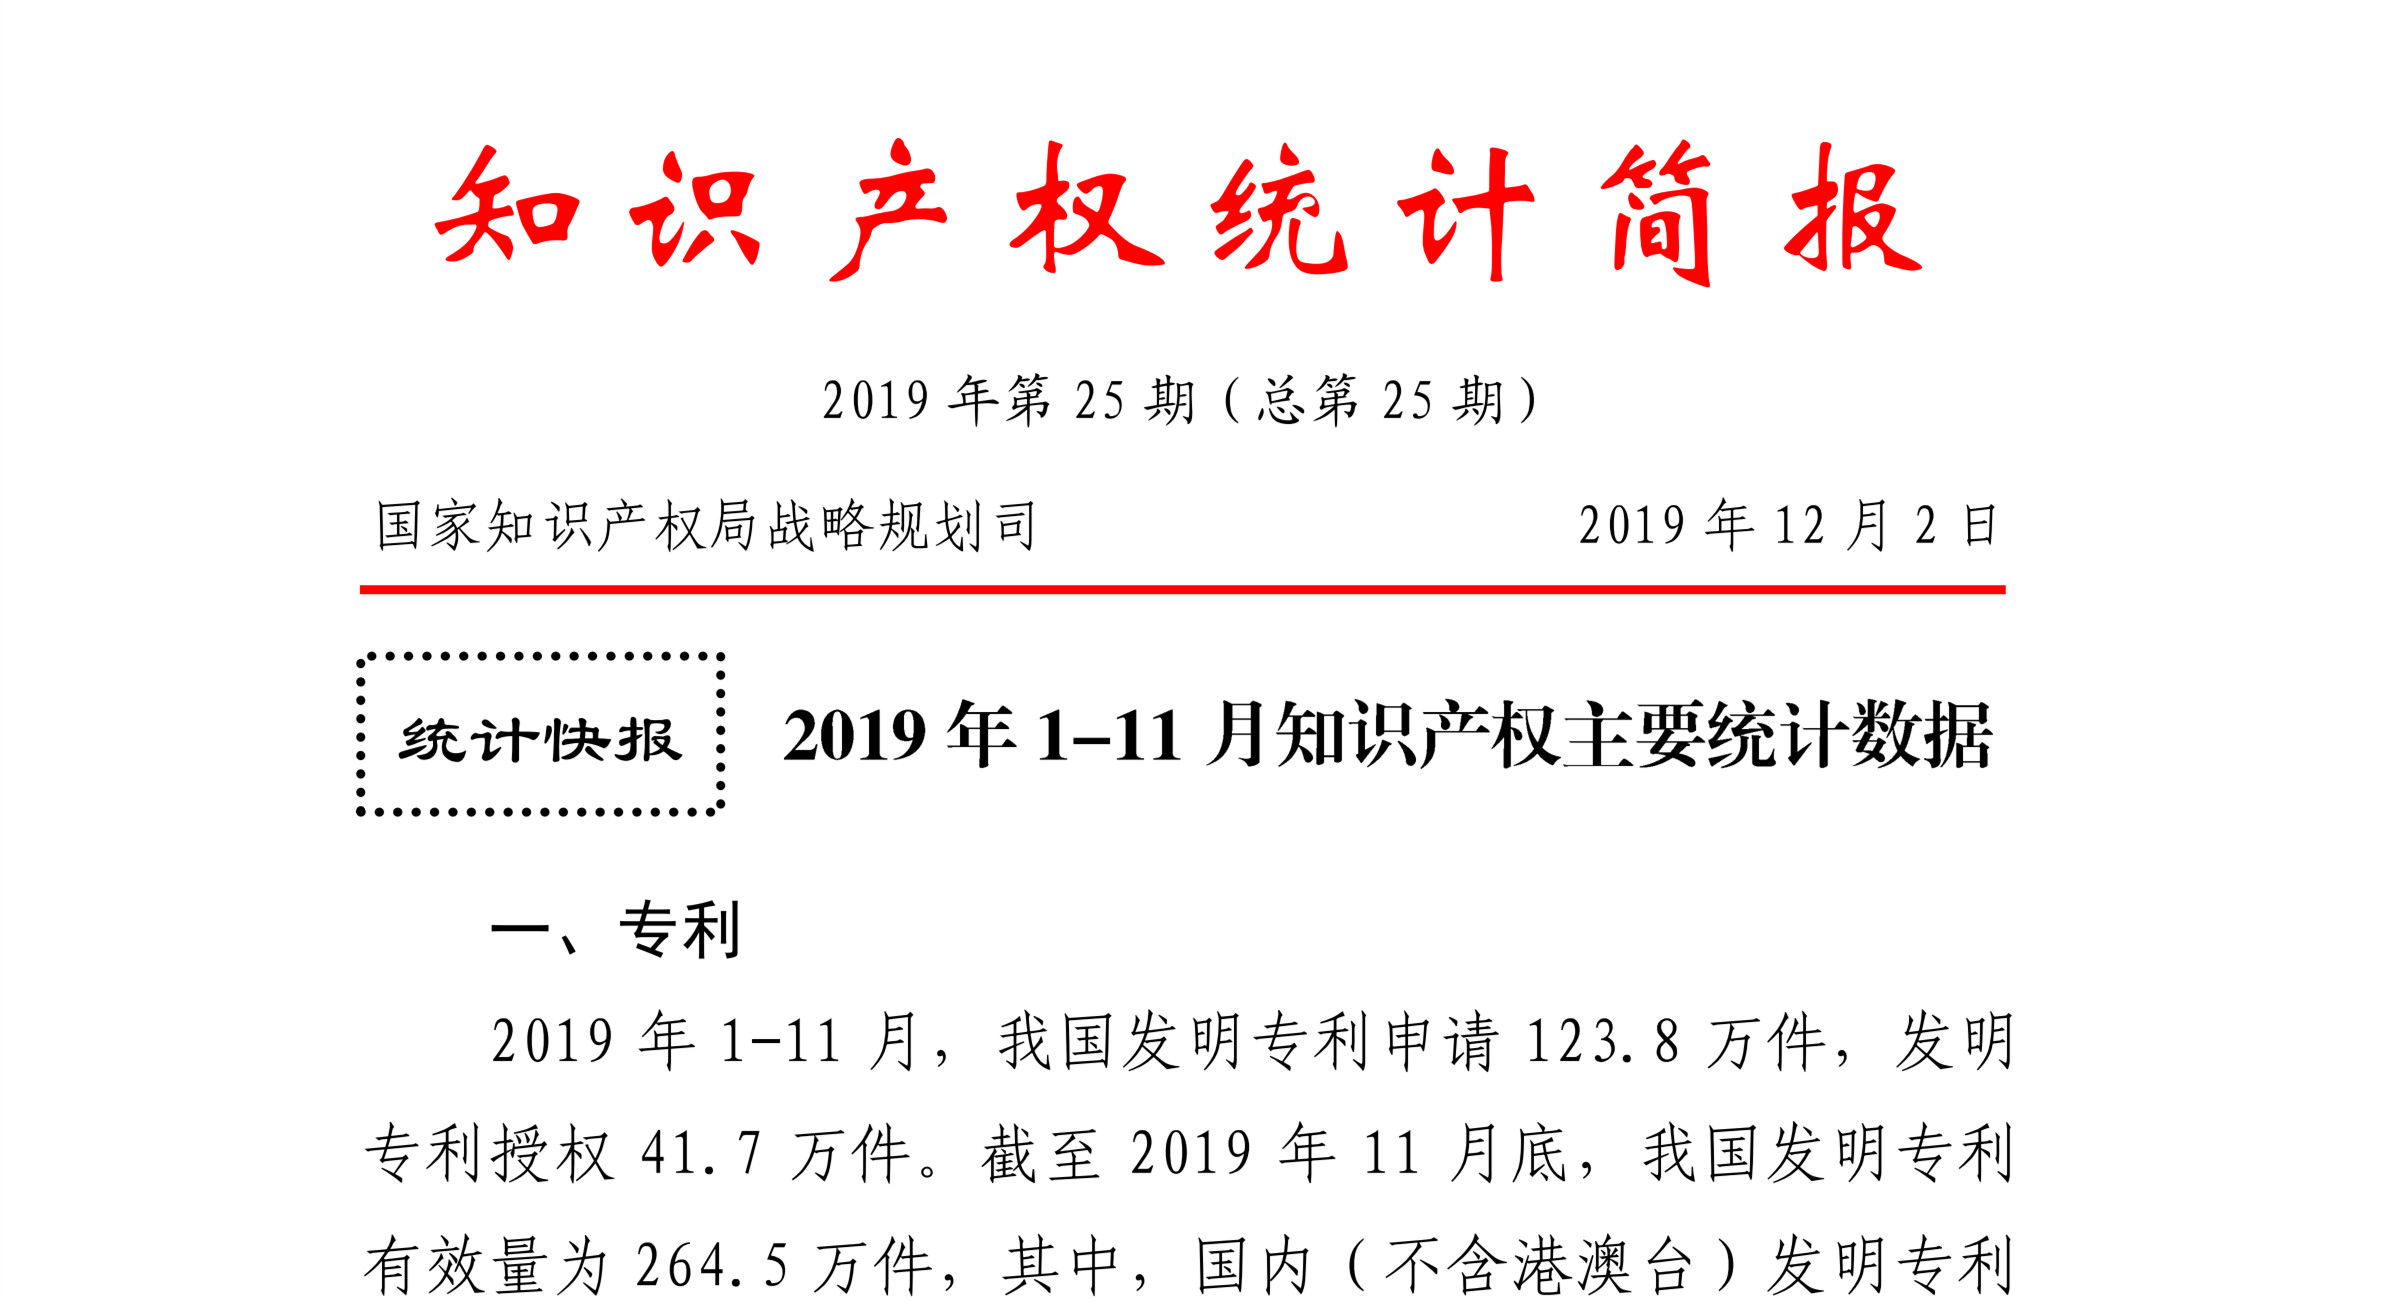 国知局发布2019年1-11月「专利、商标、地理标志」统计数据